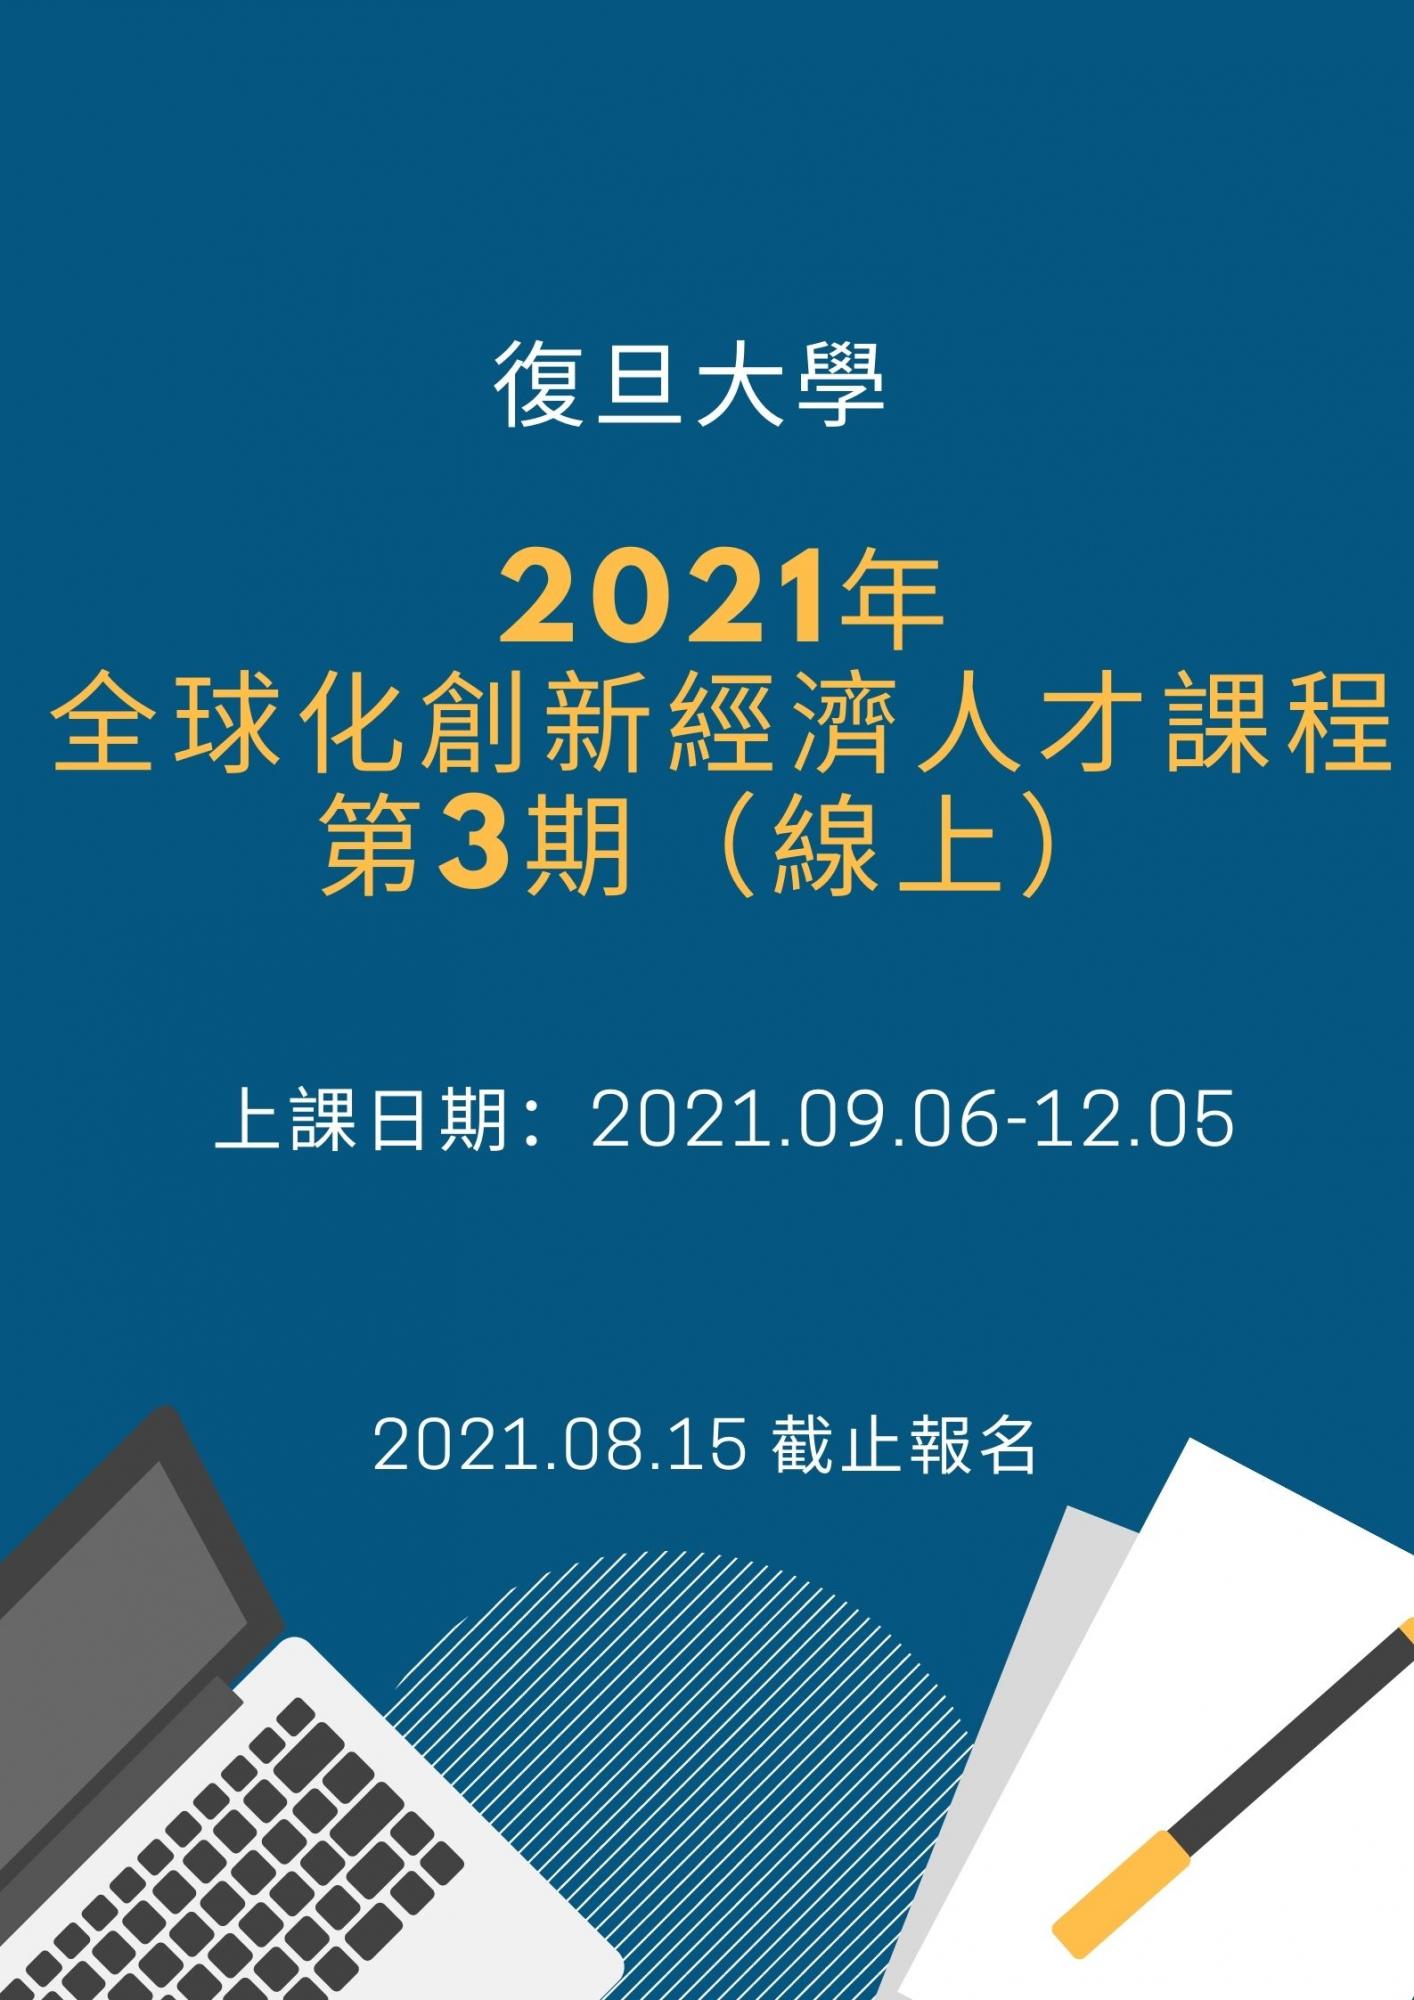 復旦大學 2021年全球化創新經濟人才課程第3期(線上)